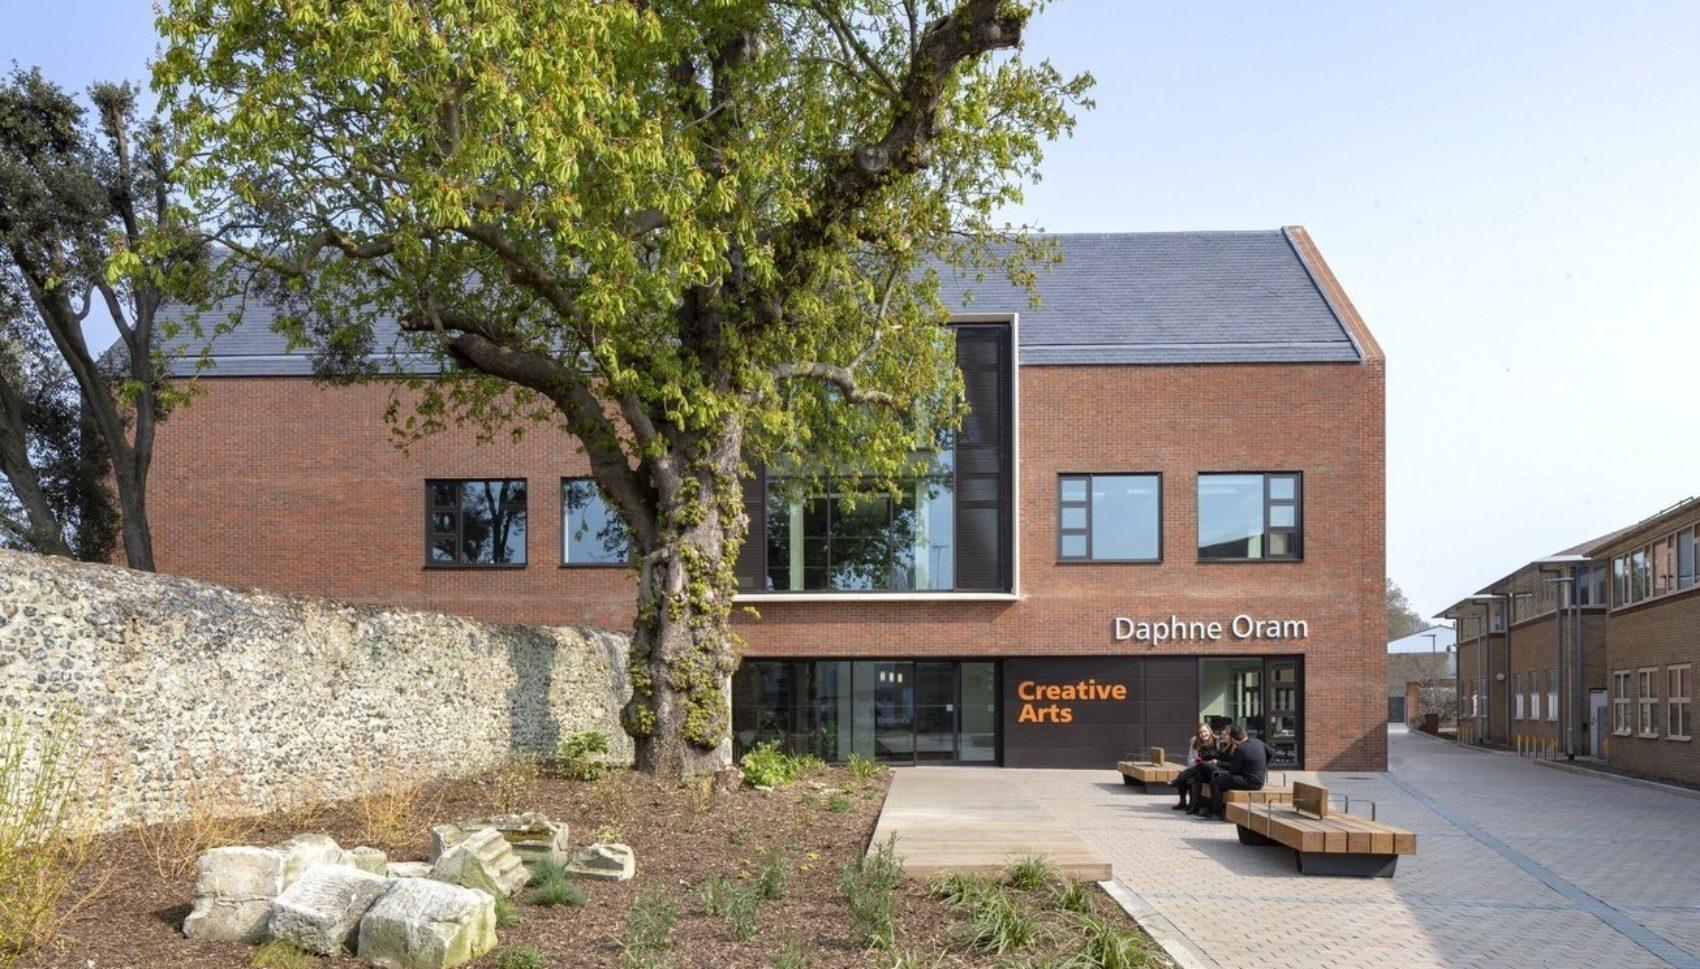 Daphne Oram Creative Arts Building